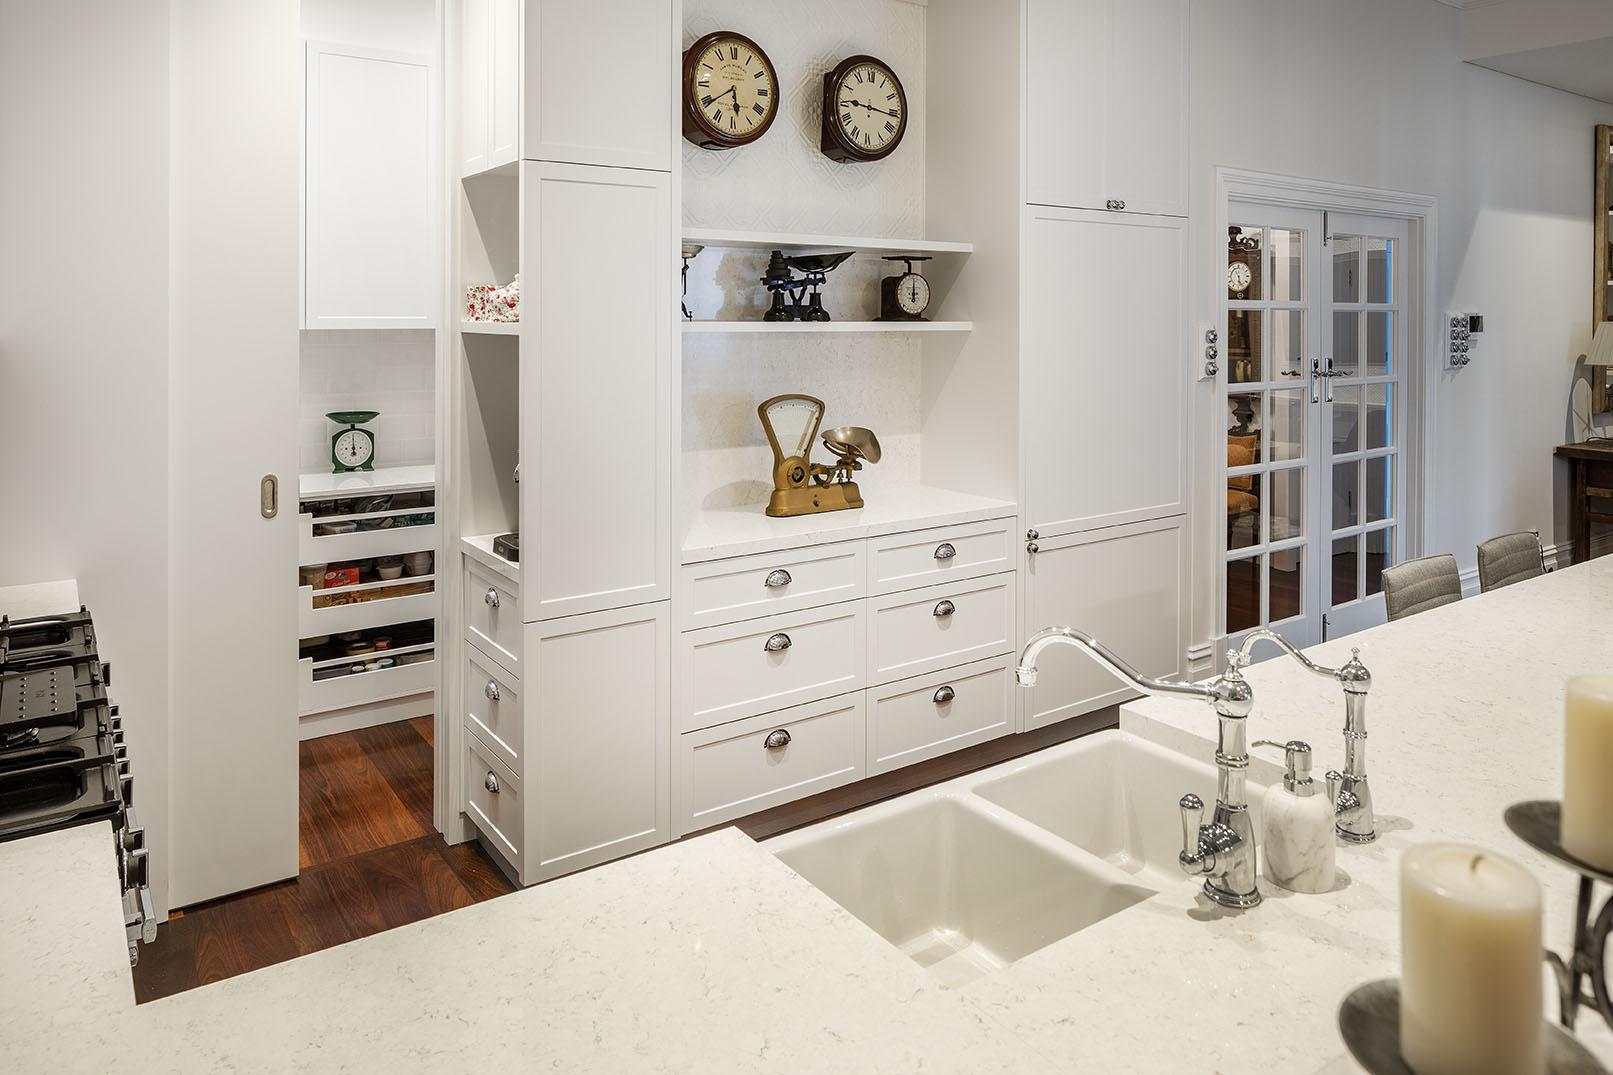 clive_kitchen_03.jpg